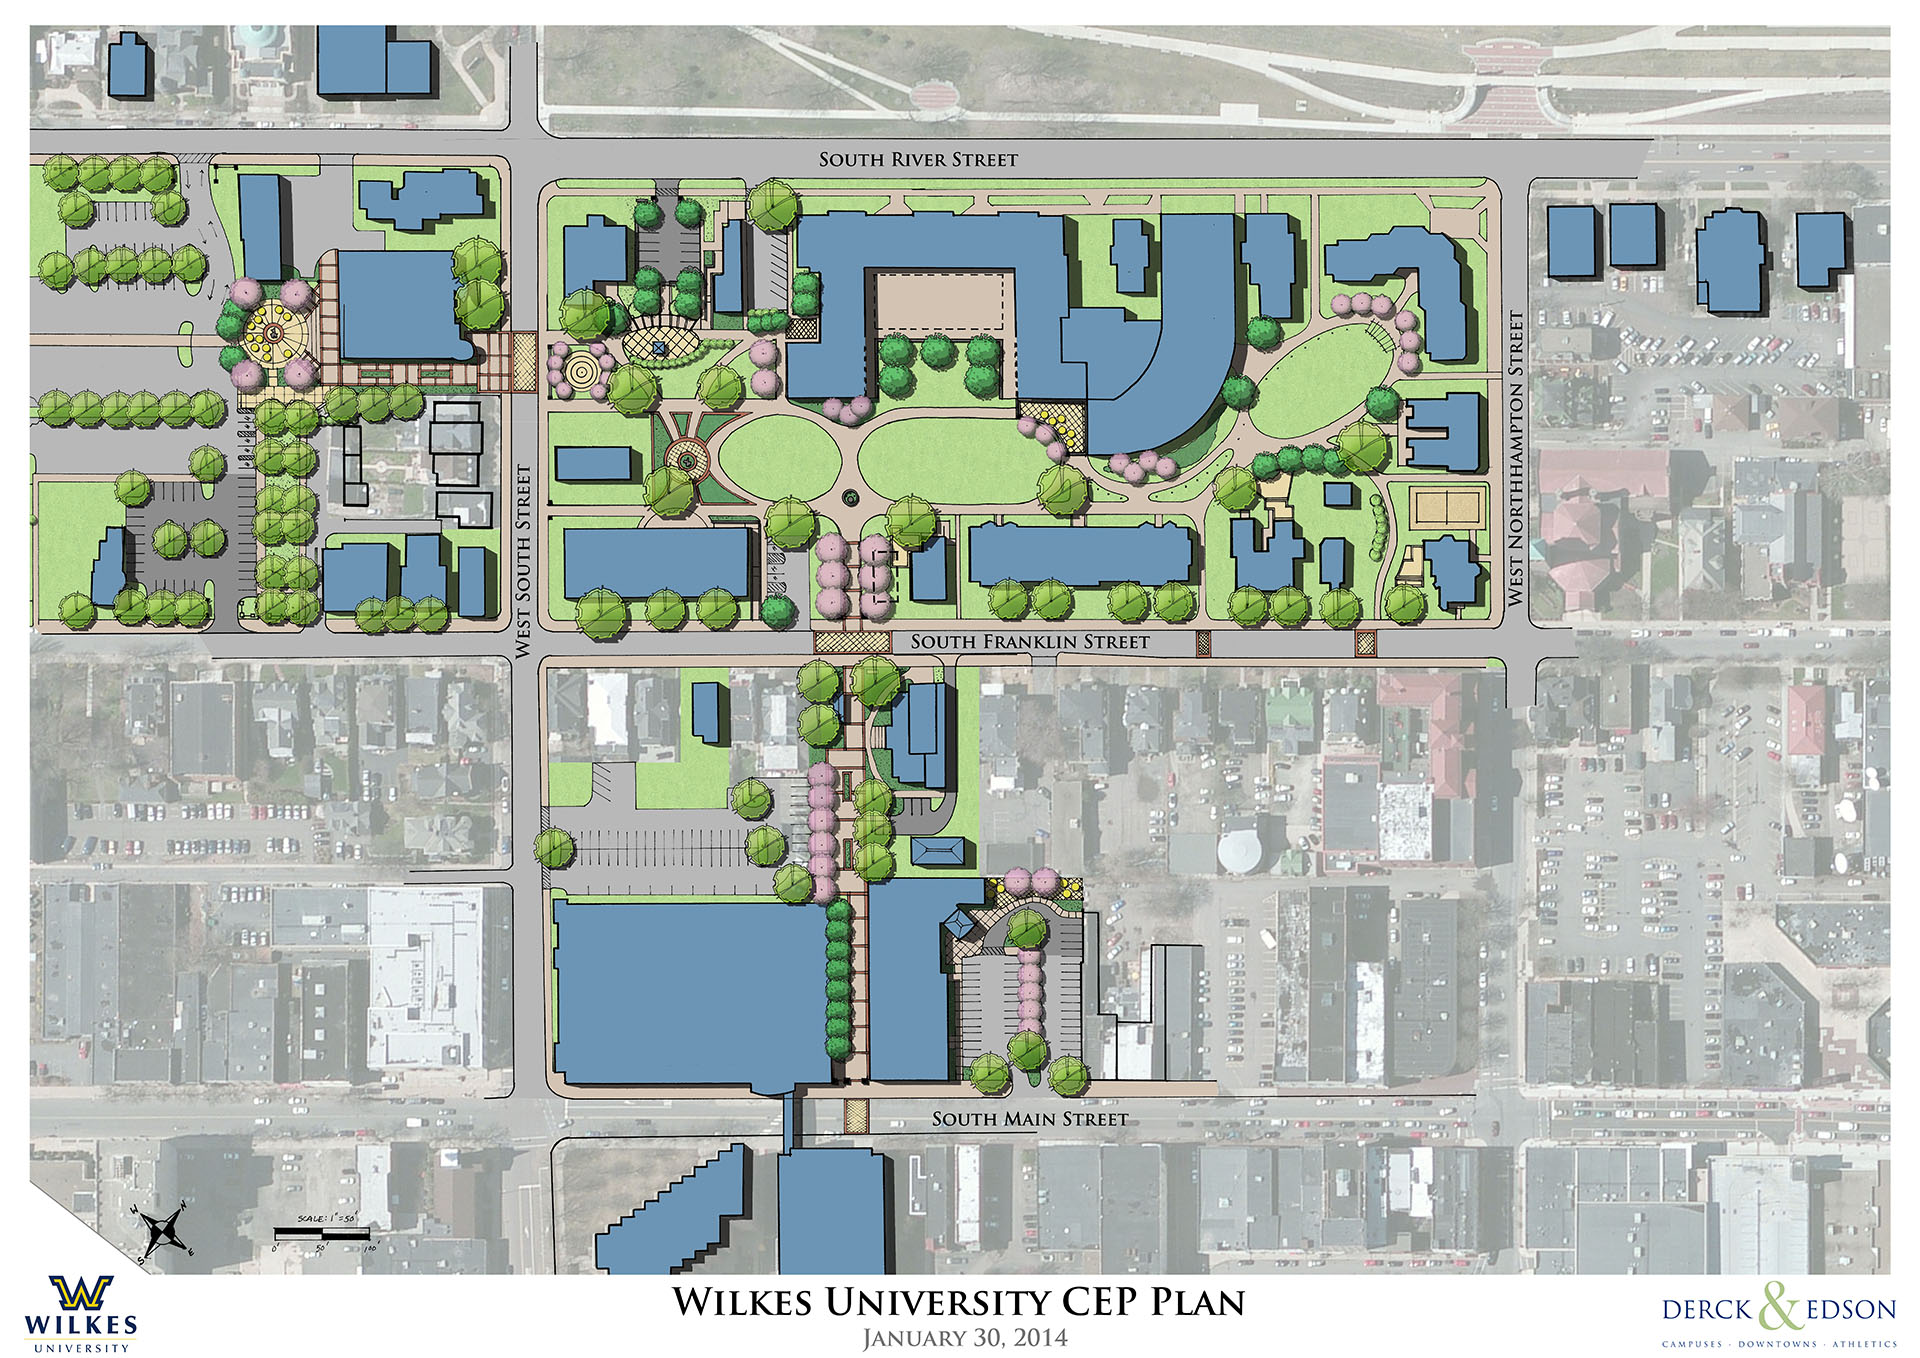 Wilkes University CEP